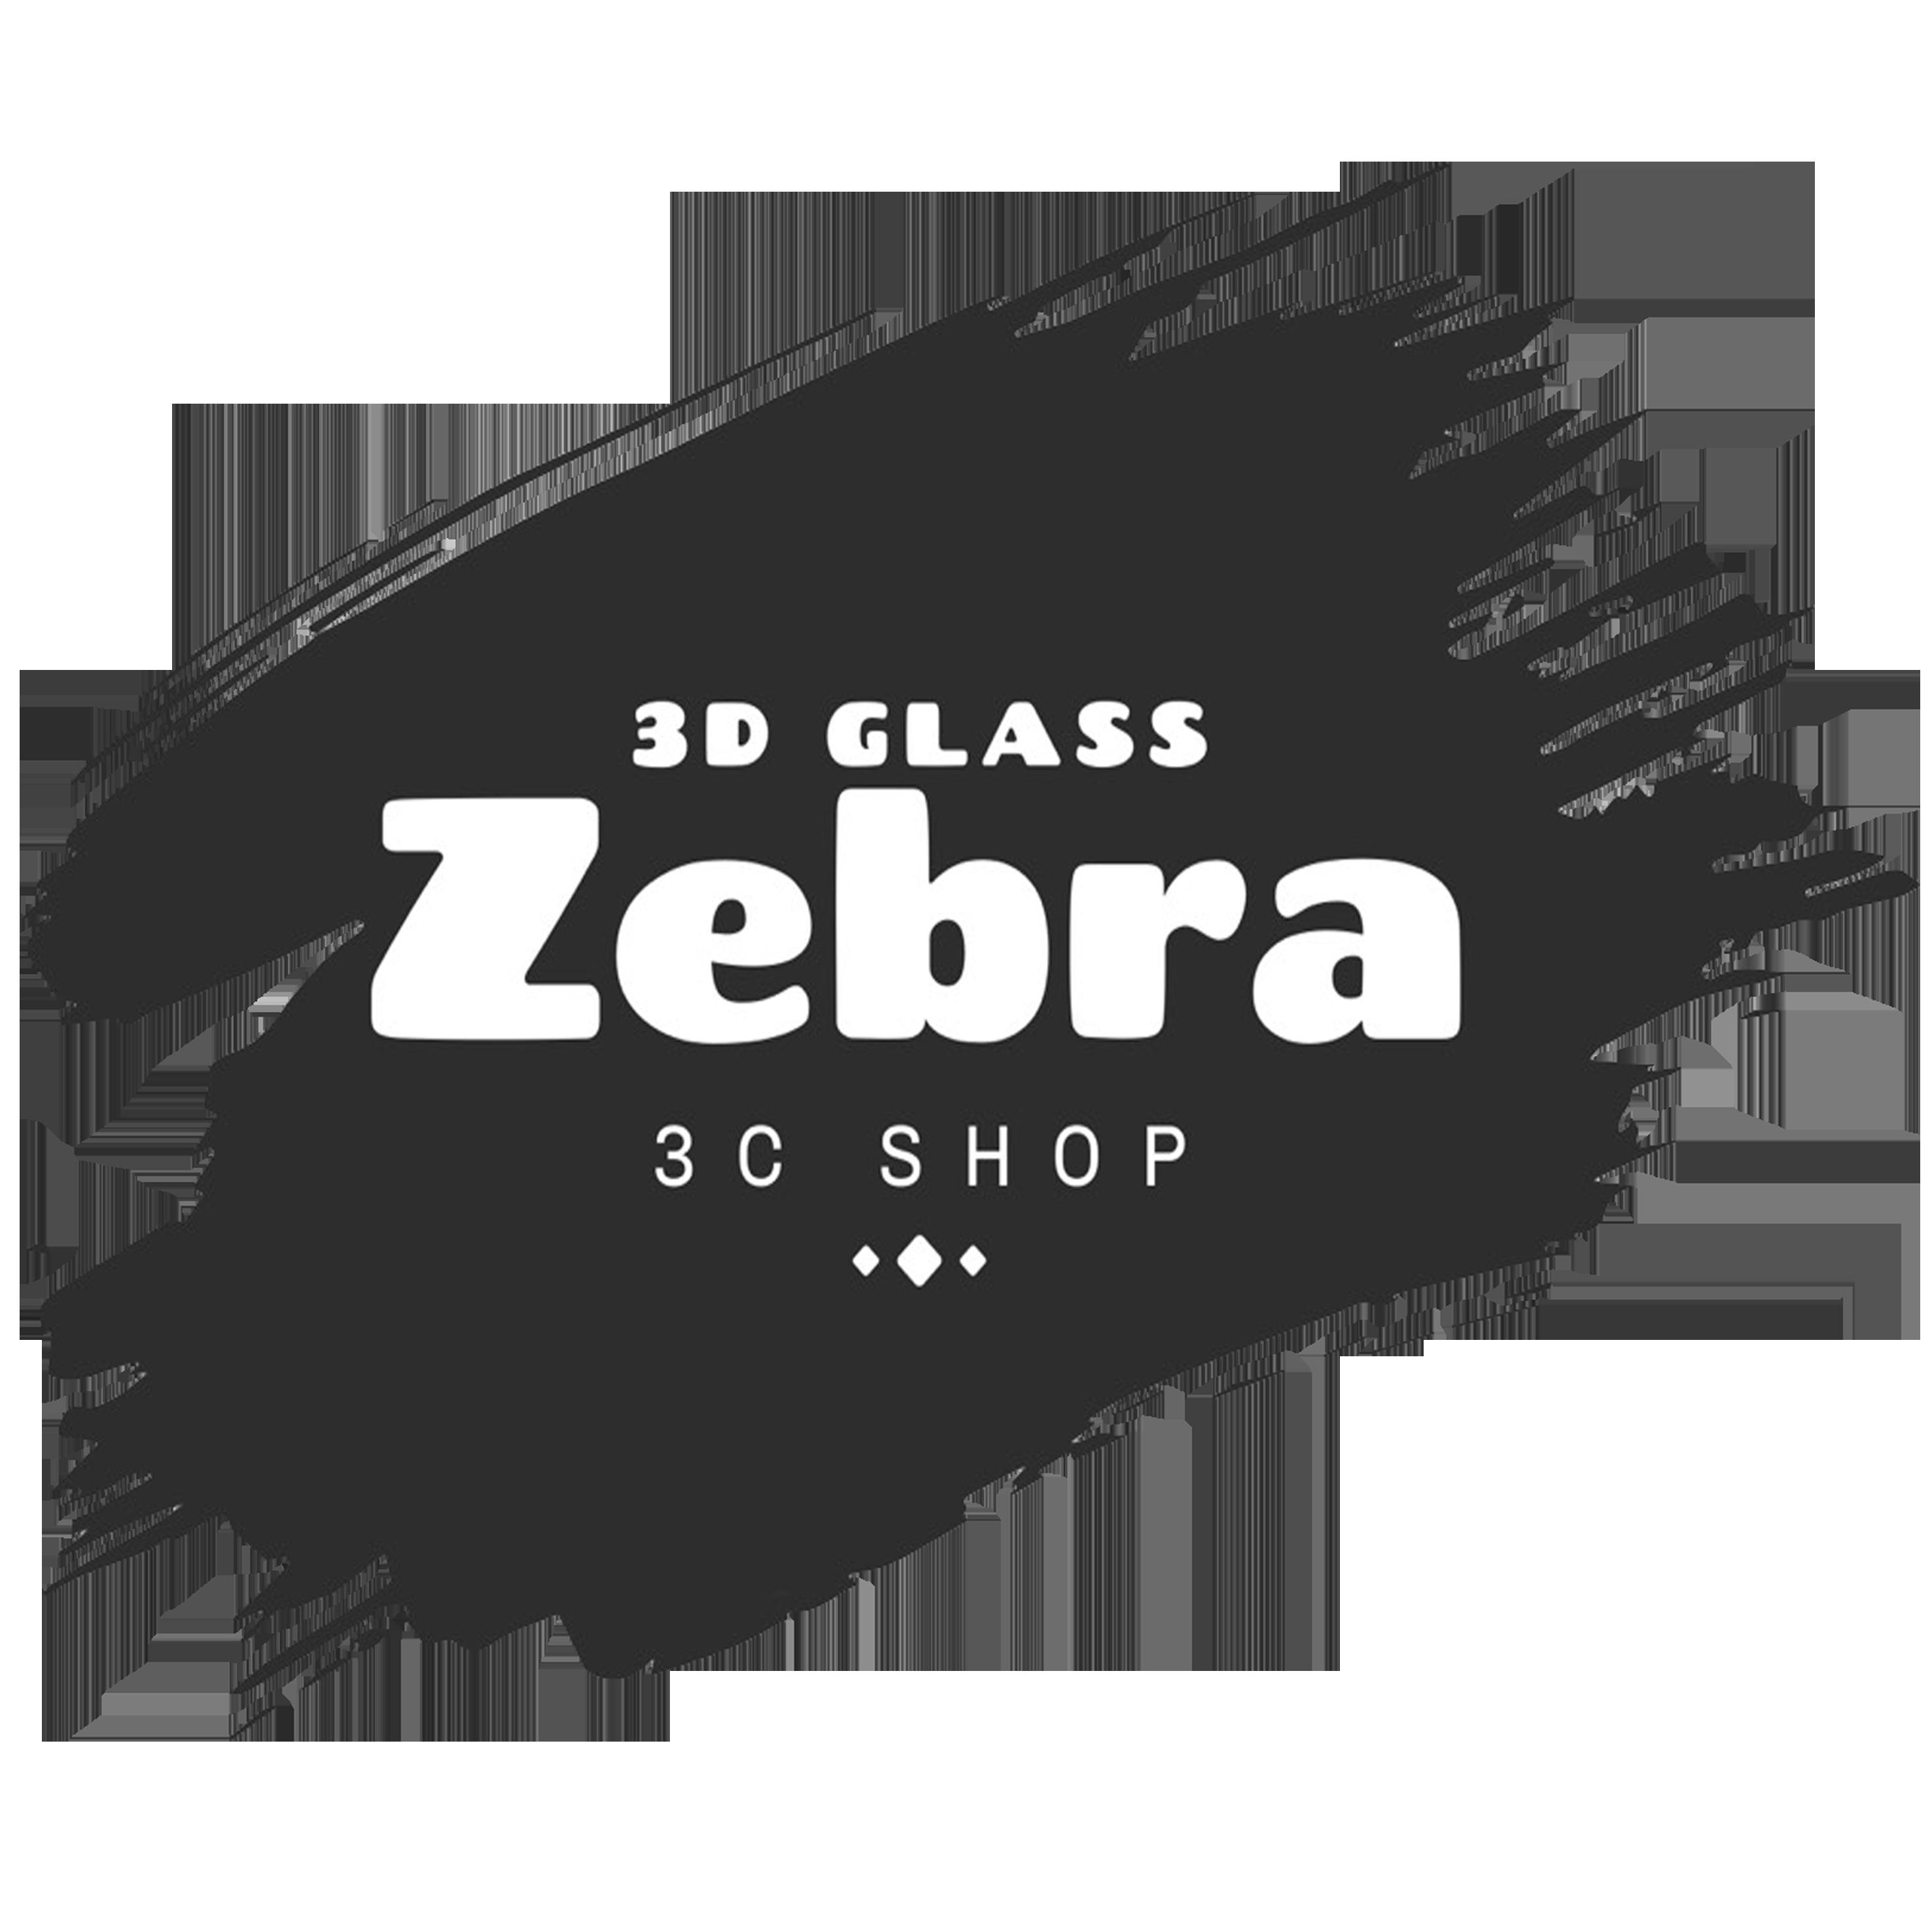 Zebra-3C配件 手機保護貼專賣